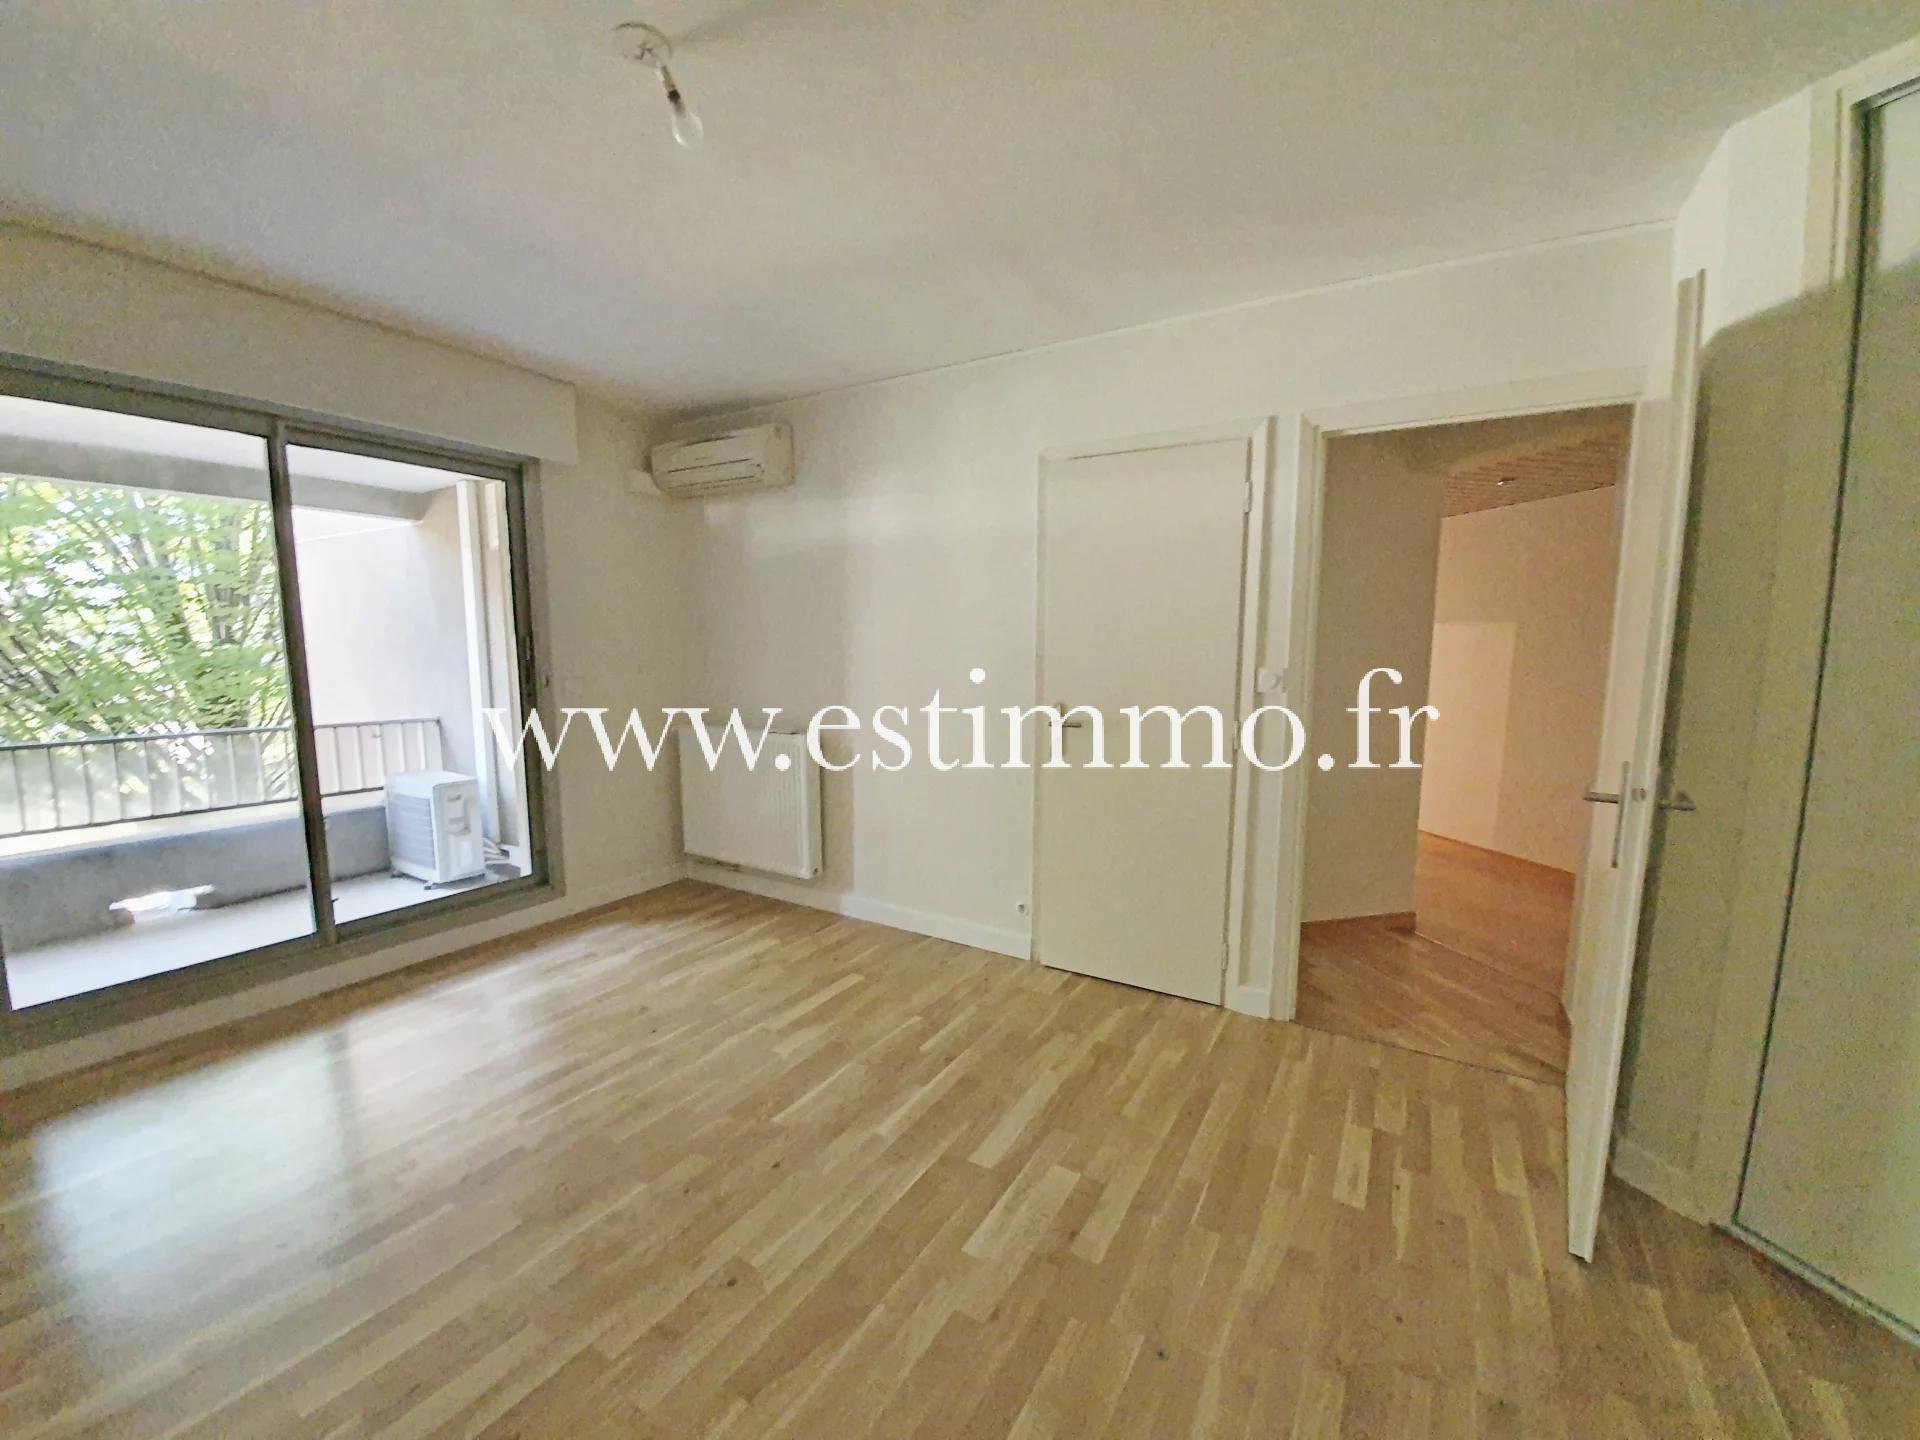 Appartement T3 l'Ormeau